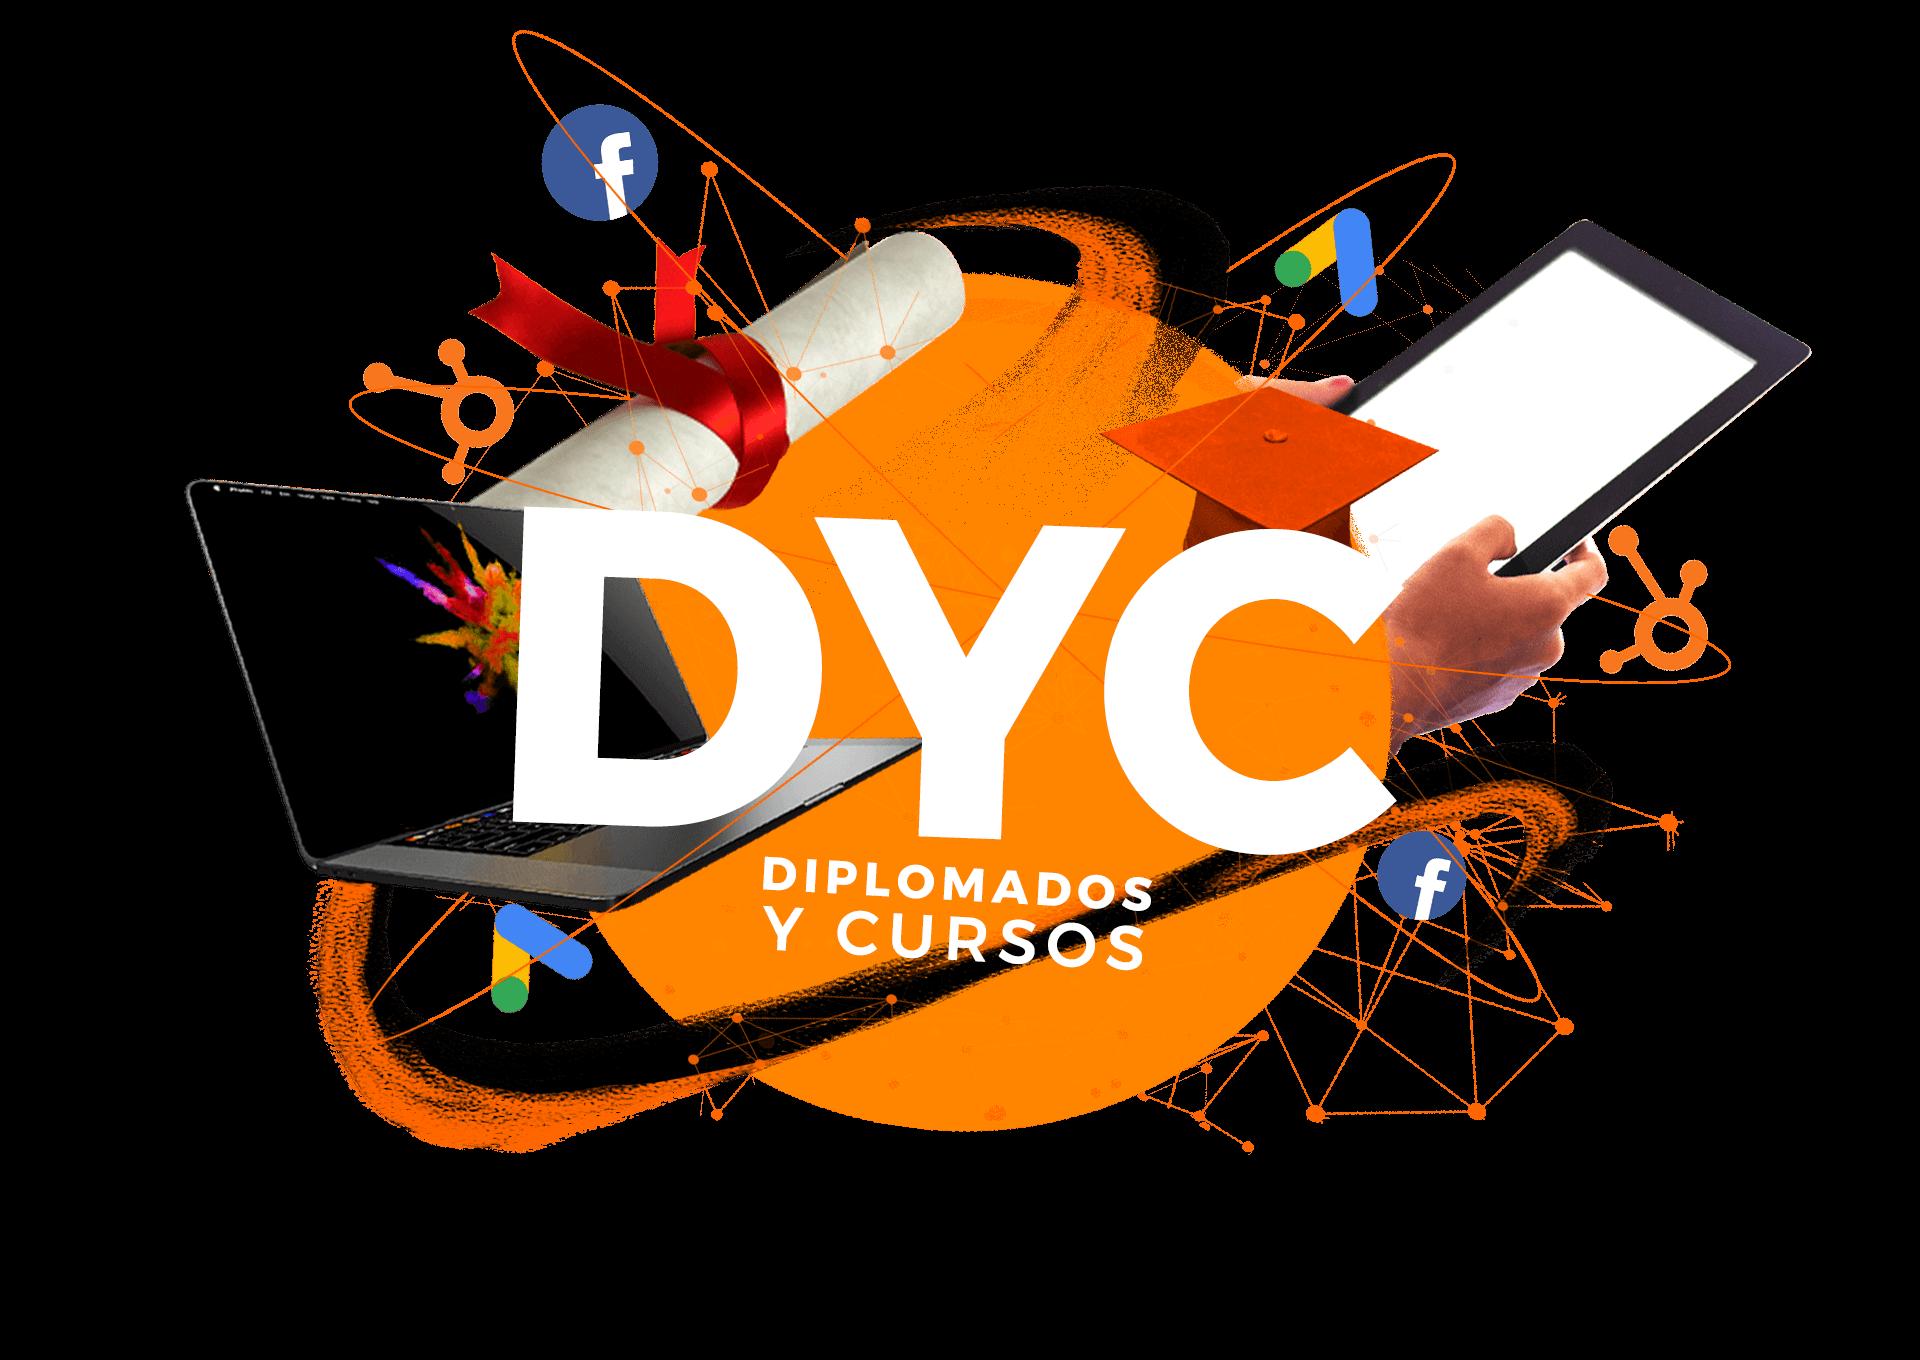 diplomados-cursos-escuela-de-marketing-digital